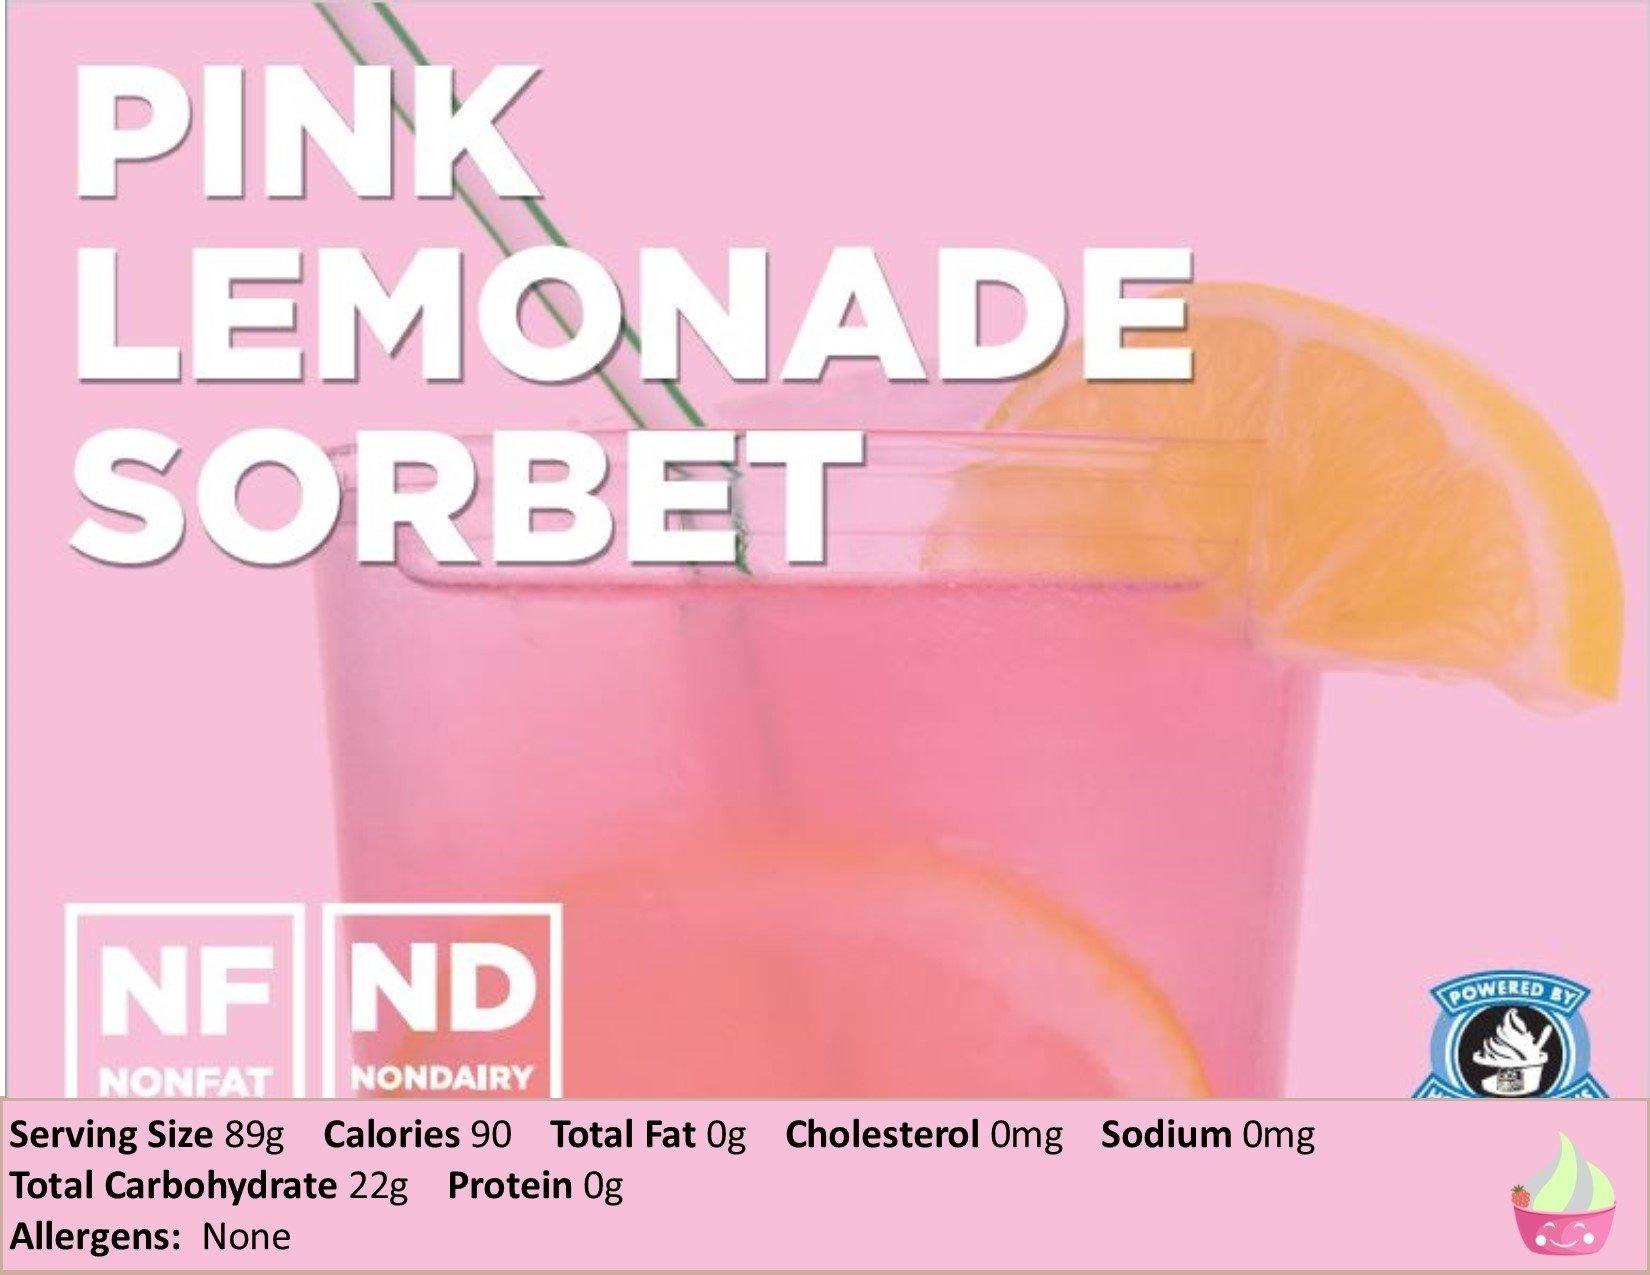 https://0201.nccdn.net/1_2/000/000/18c/7dc/Pink-Lemonade-Sorbet-1650x1275-1650x1275.jpg